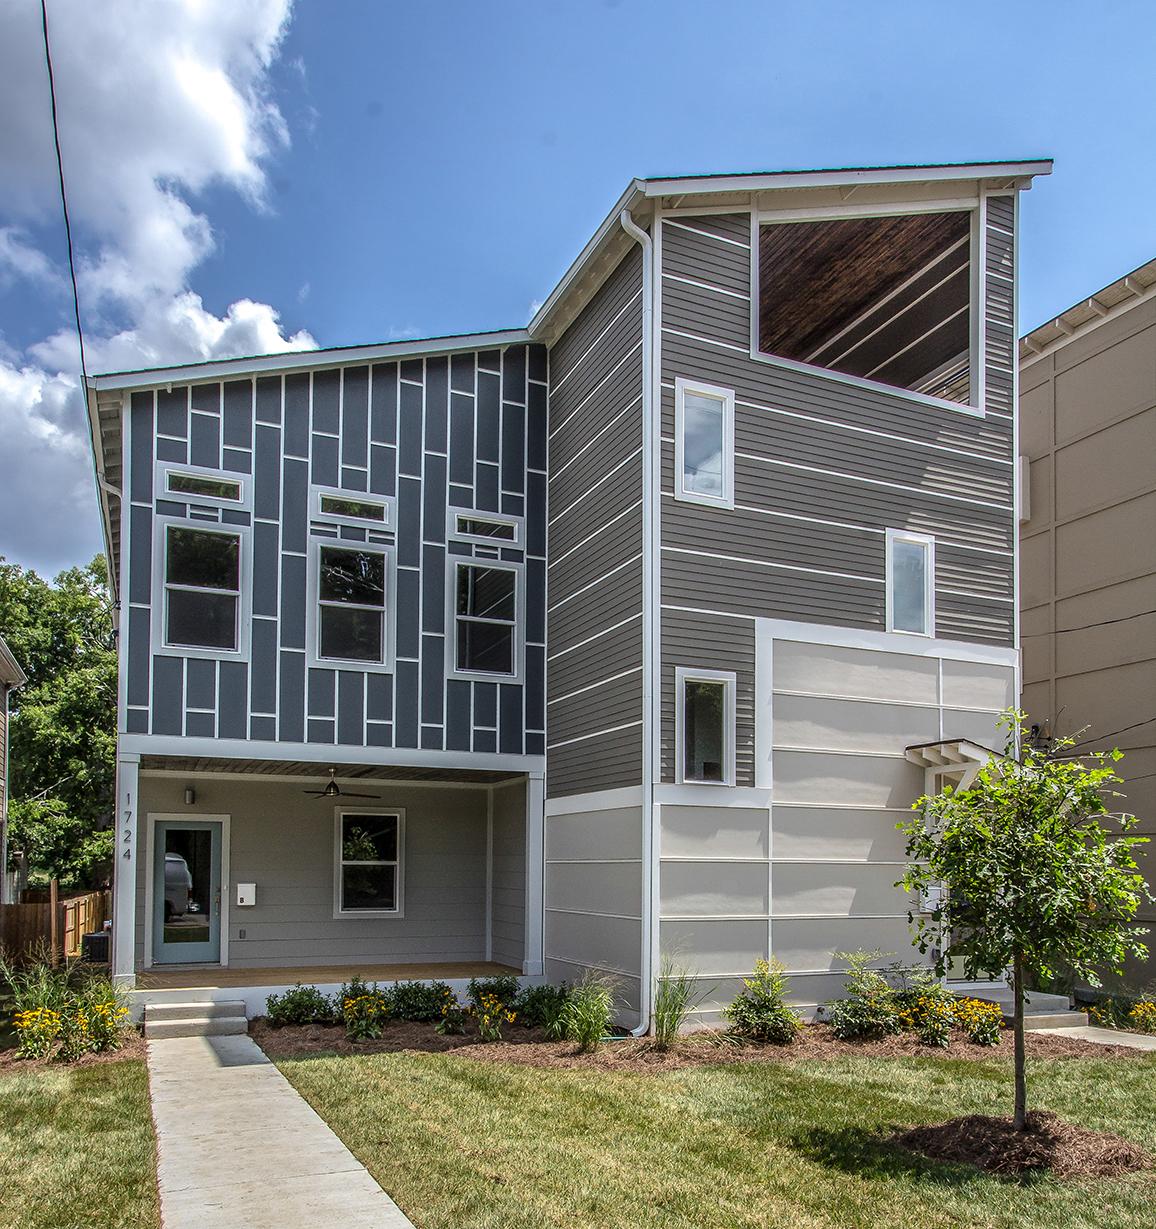 House-Plans-Online-Duplex-Nashville-Peggy-Newman-Elevation-Patio-1724.jpg